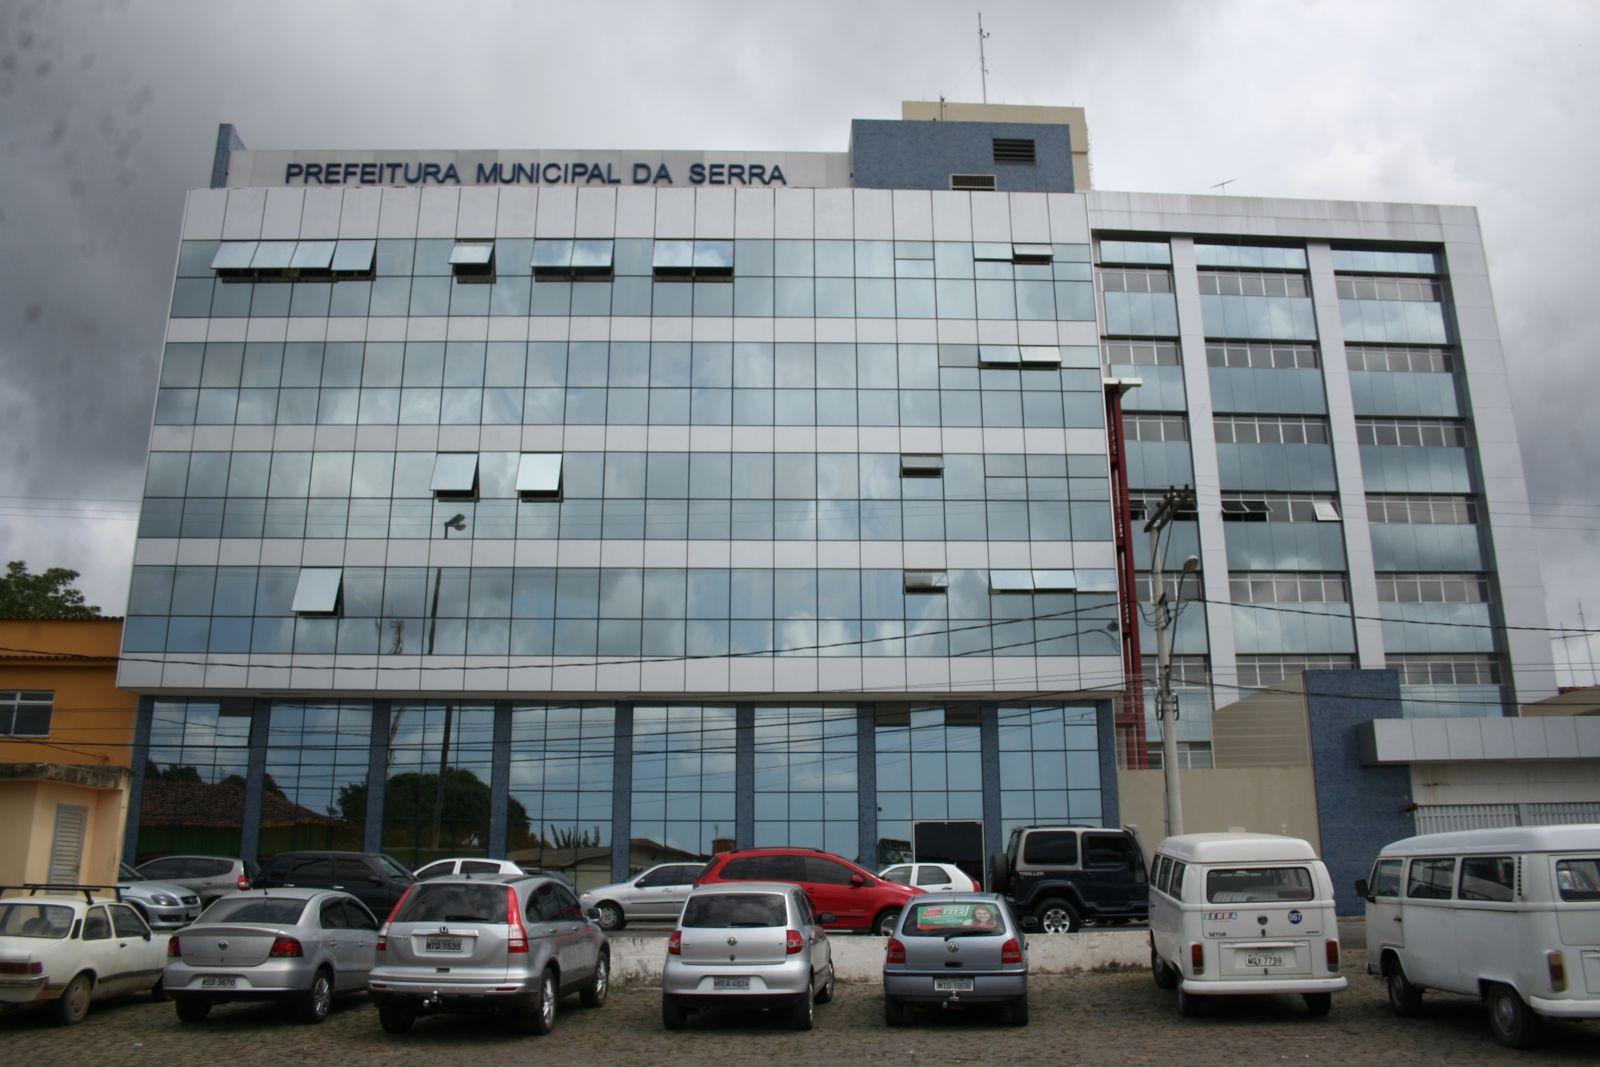 Prefeitura da Serra anuncia  mudança e cortes